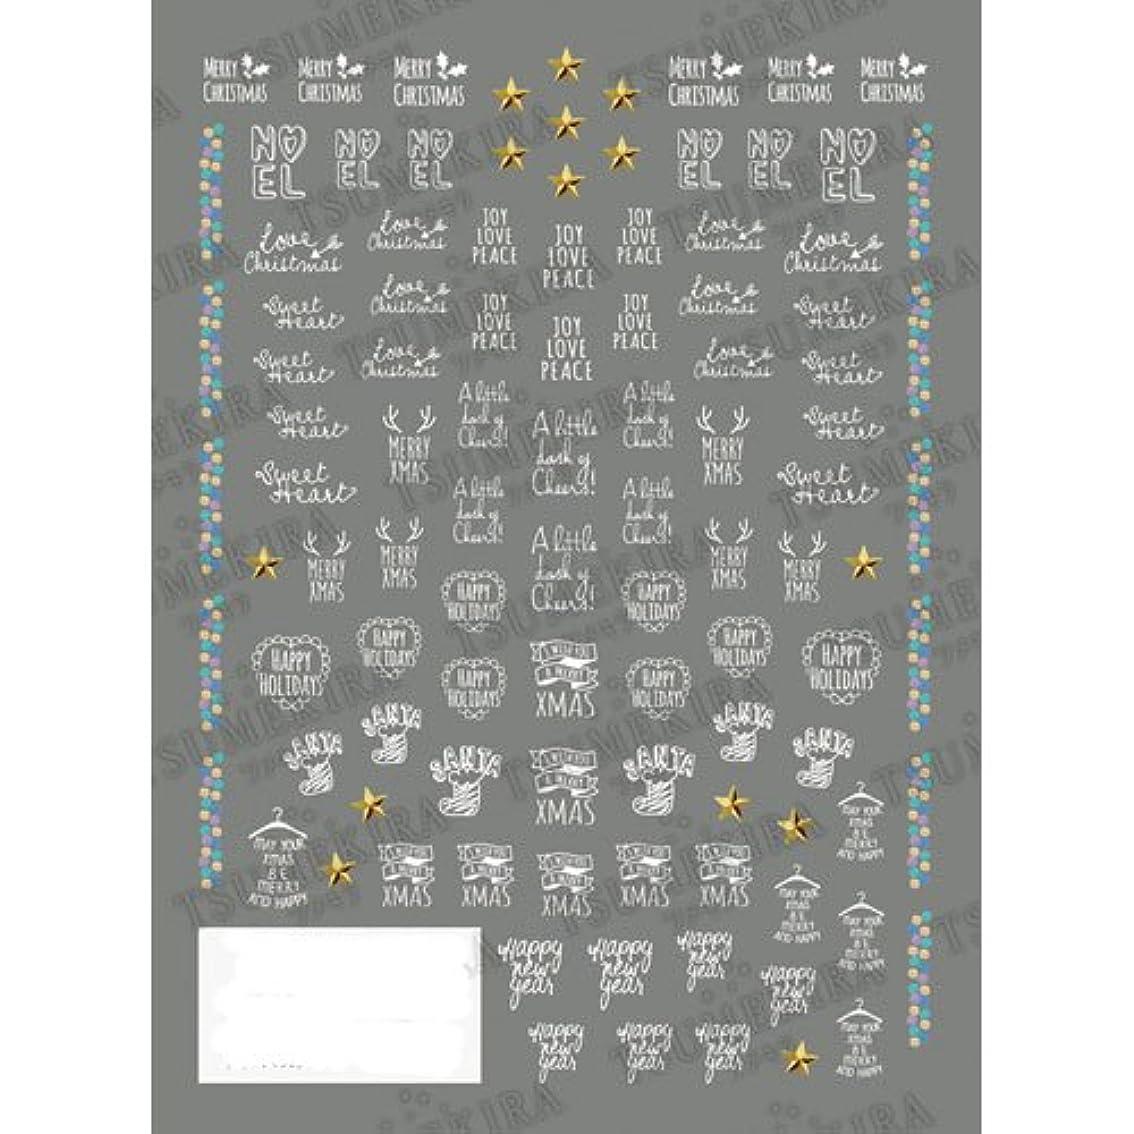 暴力評価するスピーカーツメキラ ネイル用シール クリスマスツメッセージ ホワイト